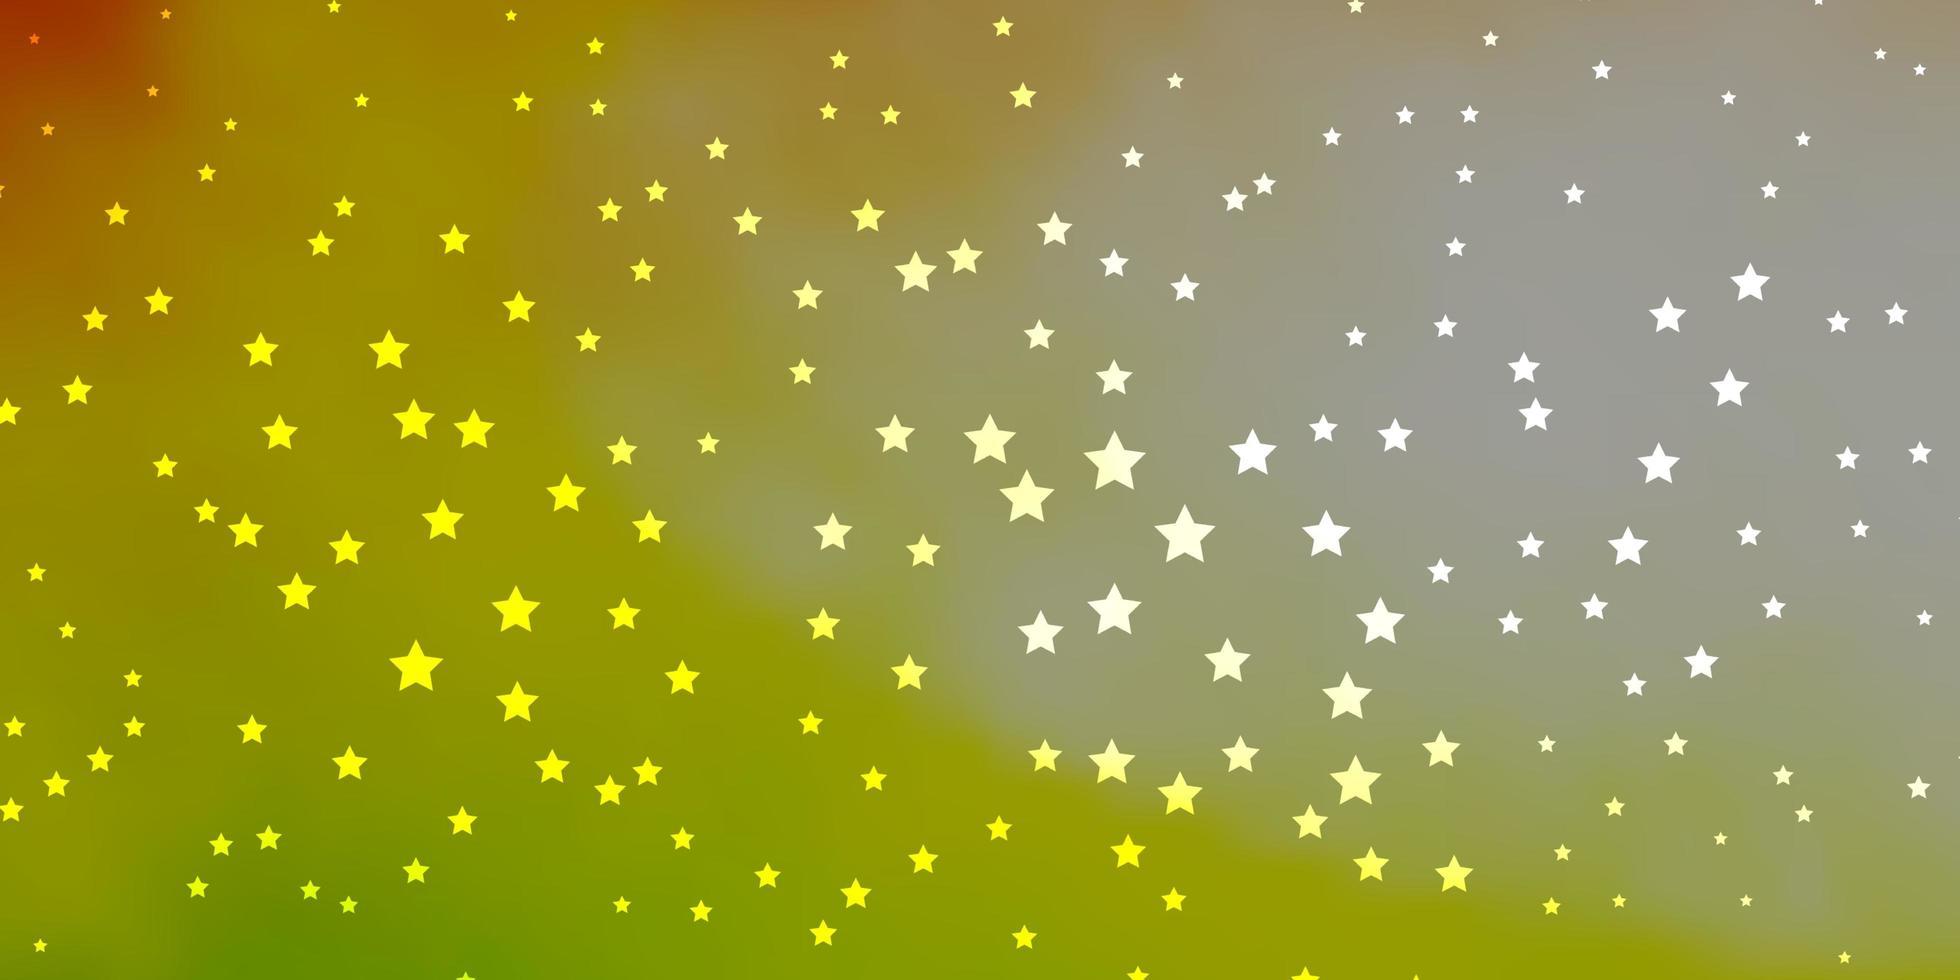 motif vert foncé et rouge avec des étoiles abstraites vecteur